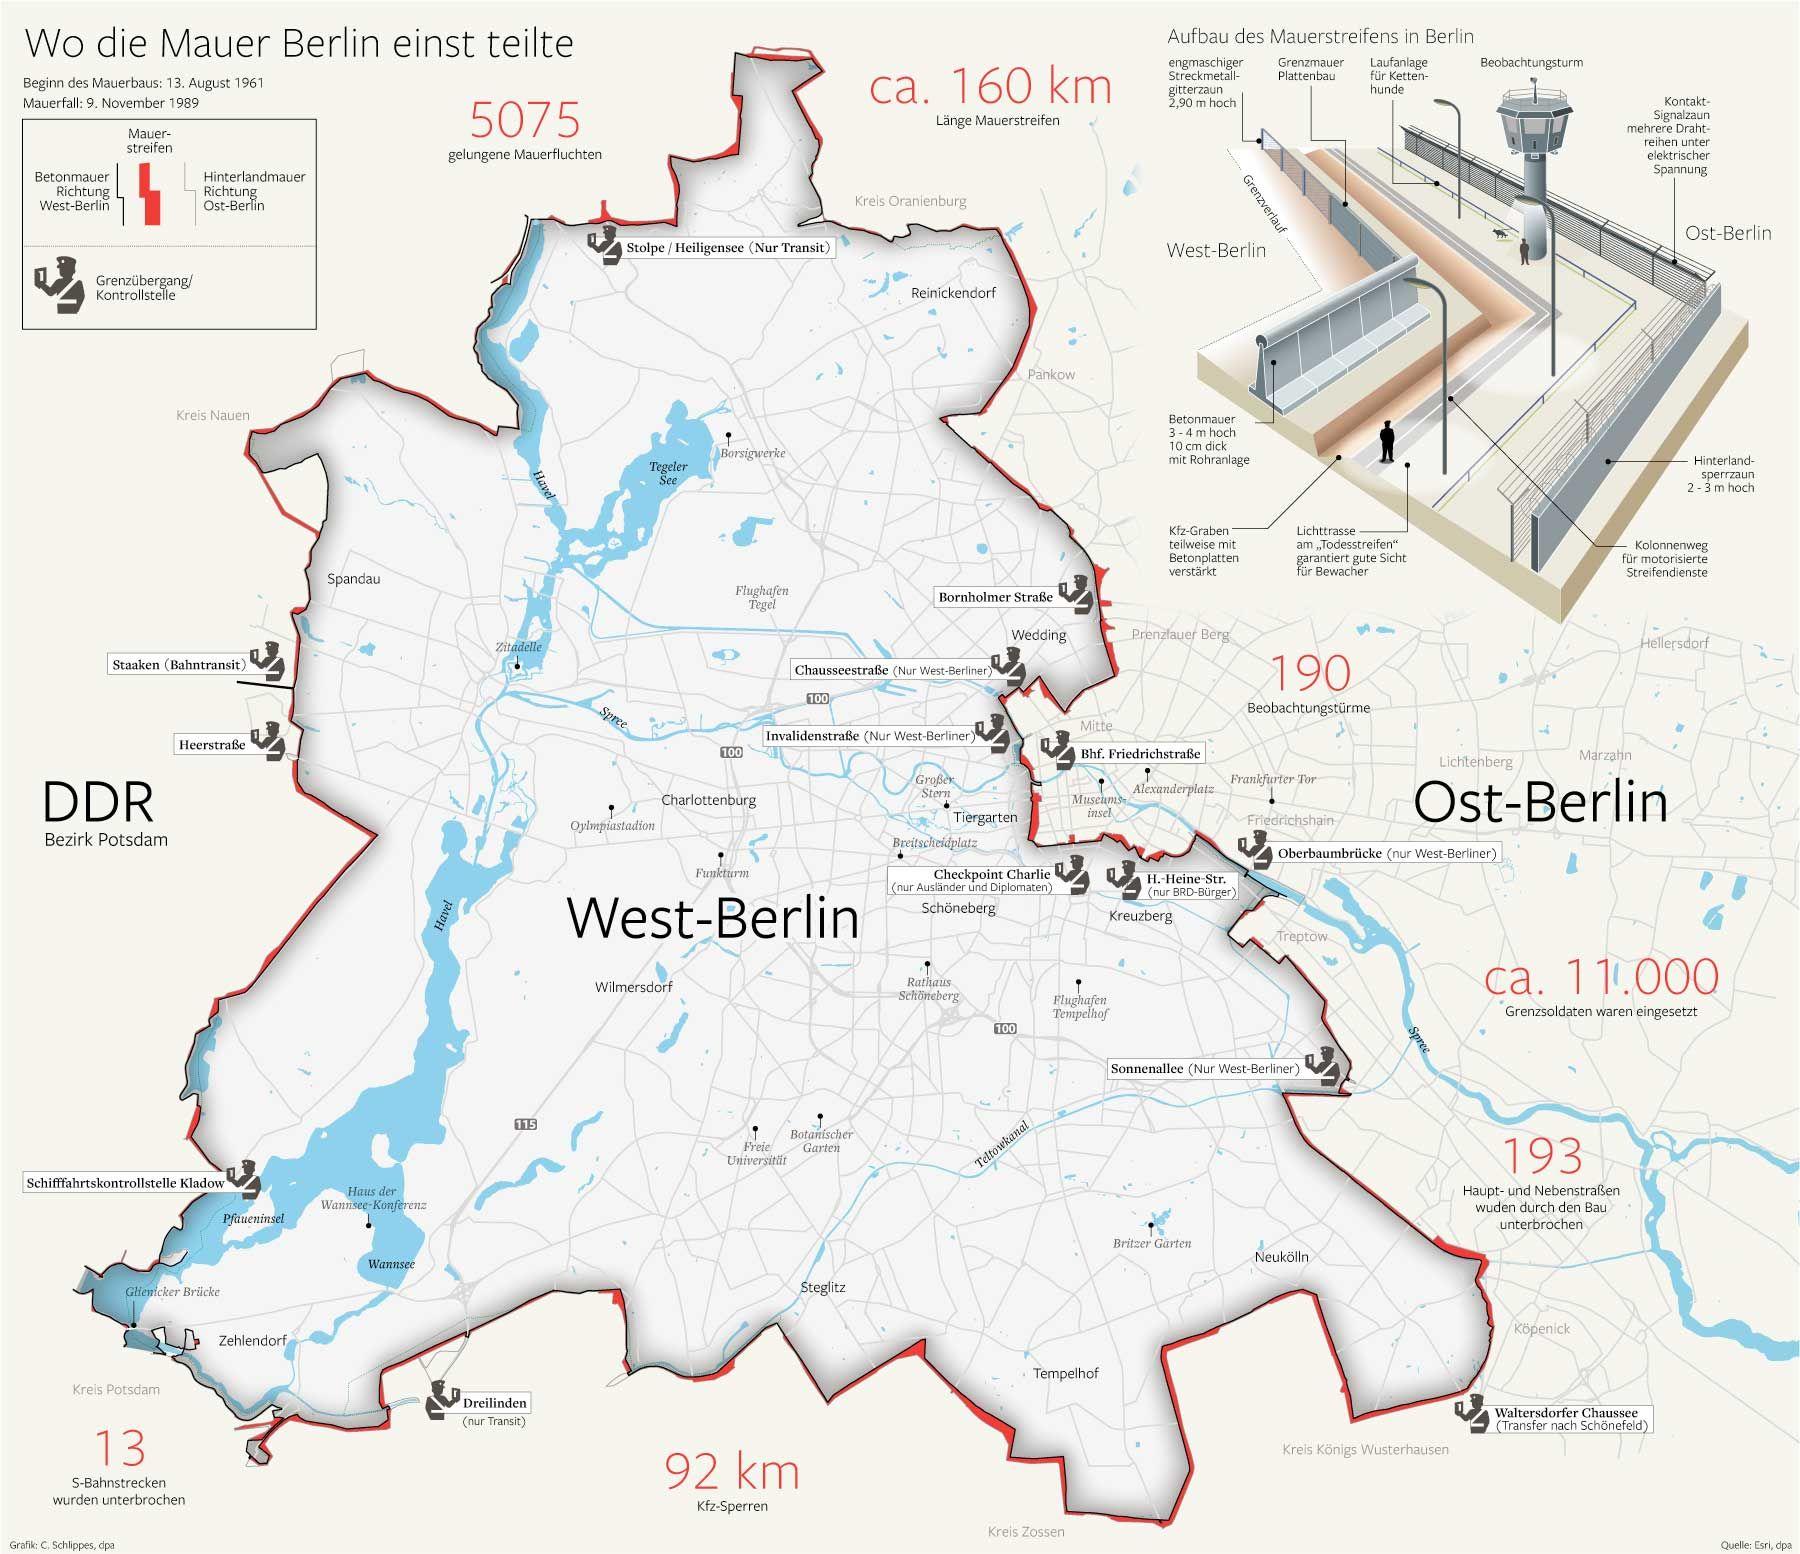 berliner mauer karte deutschland Was von Todesstreifen und Teilung blieb | Berliner mauer, Berlin